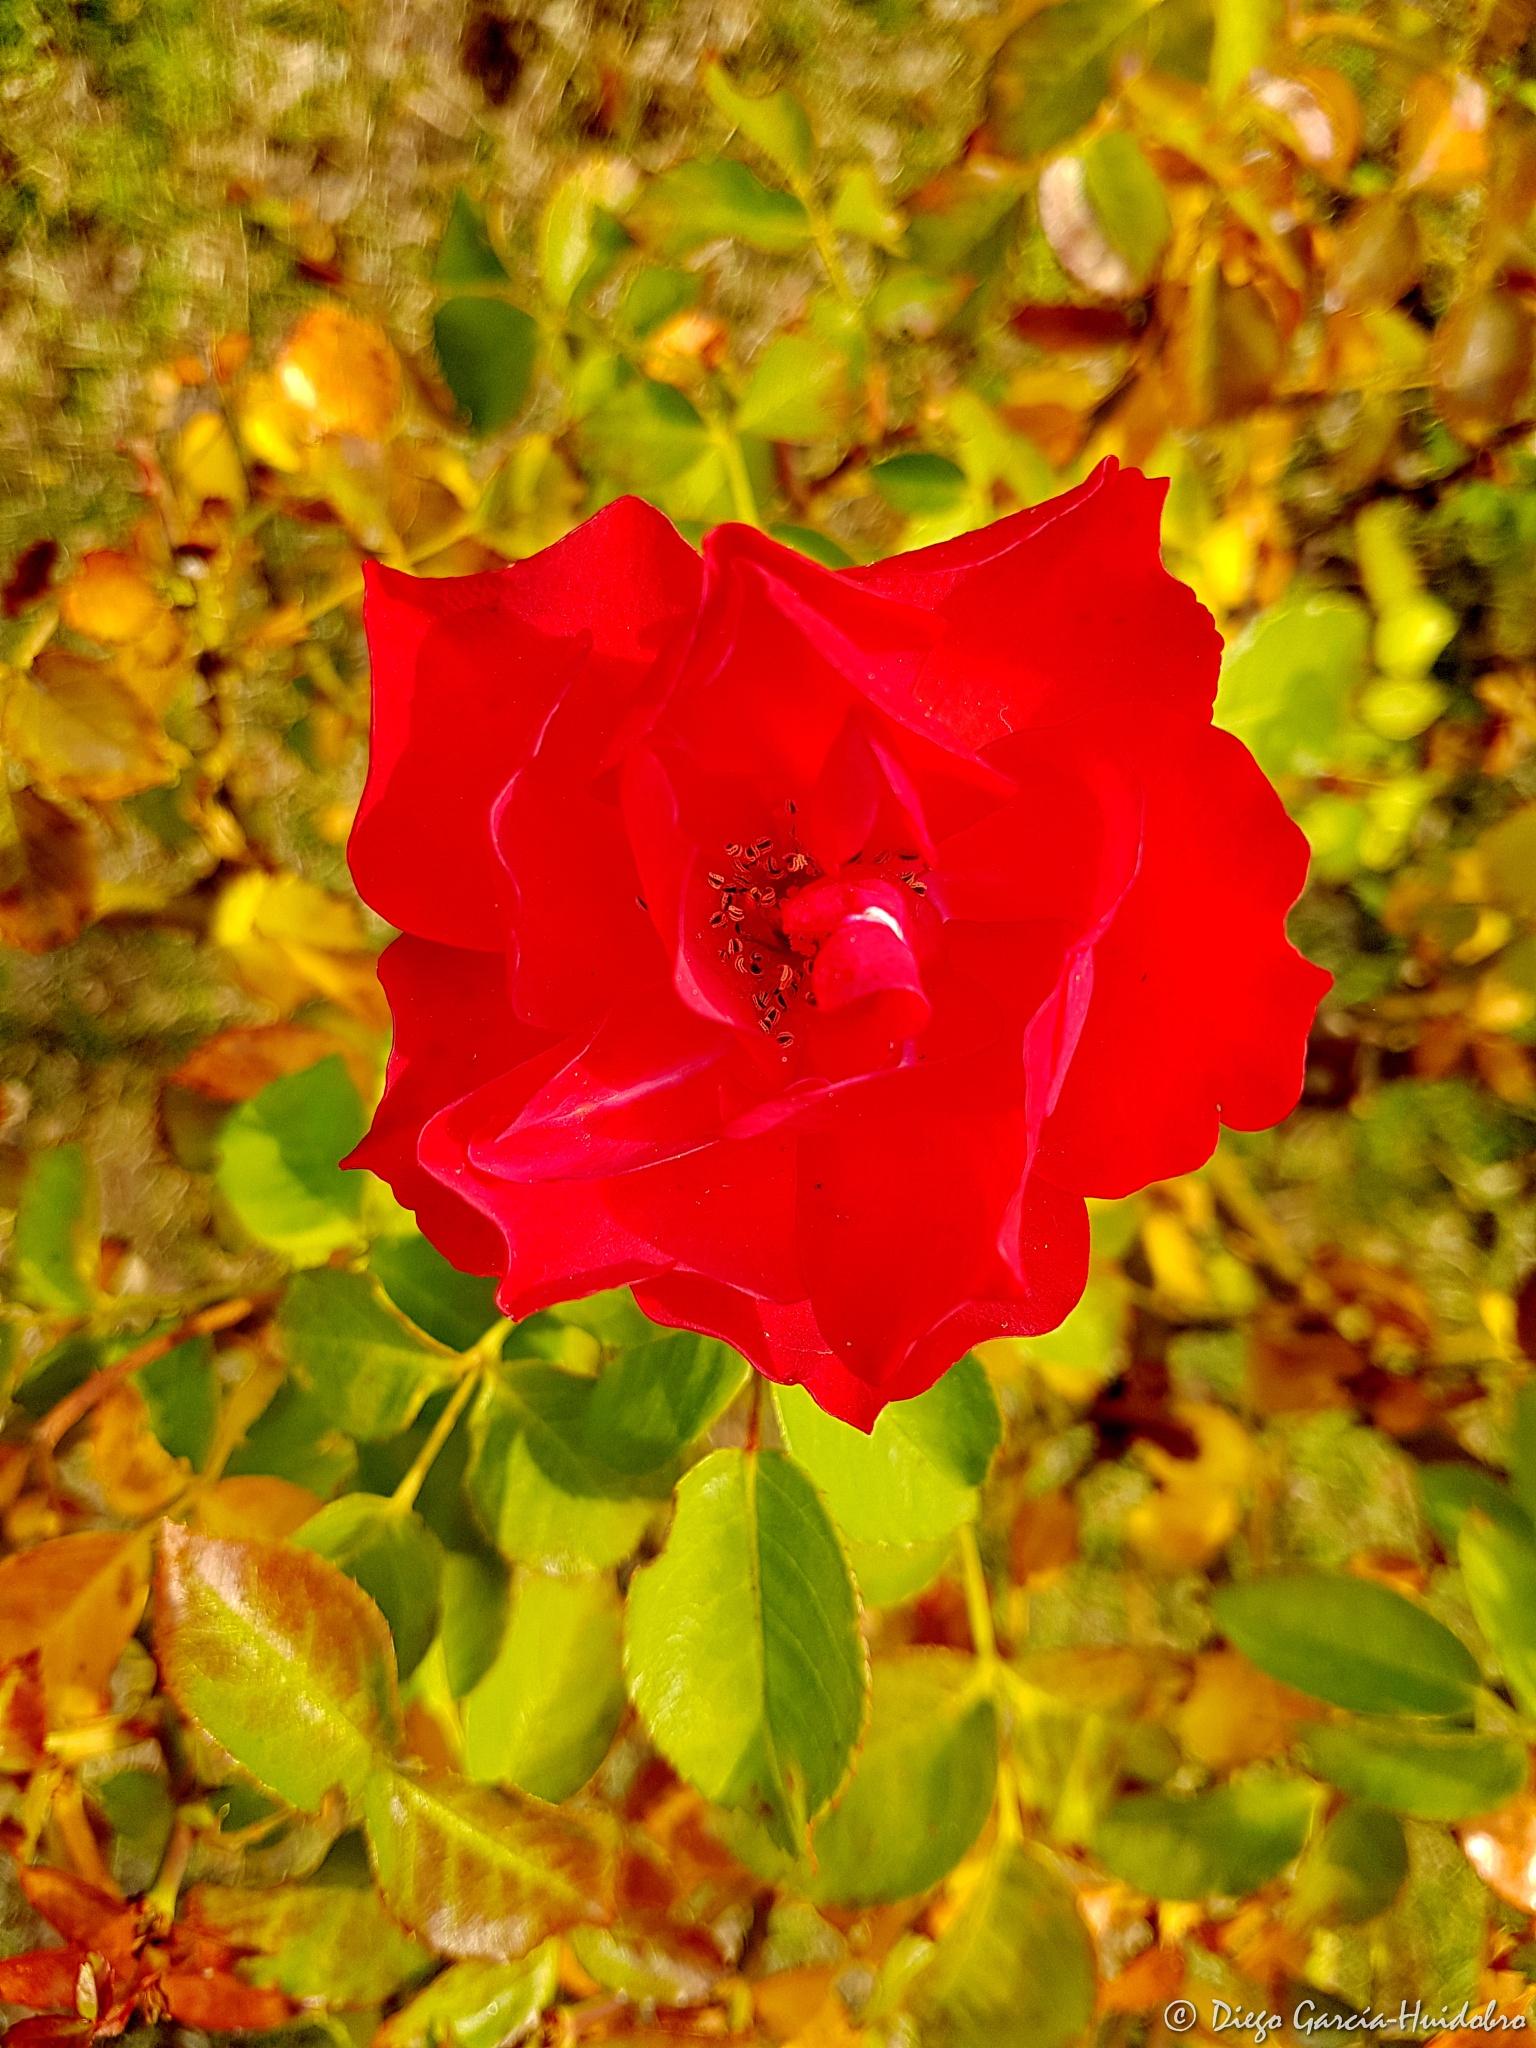 Red in Autumn by Diego García-Huidobro